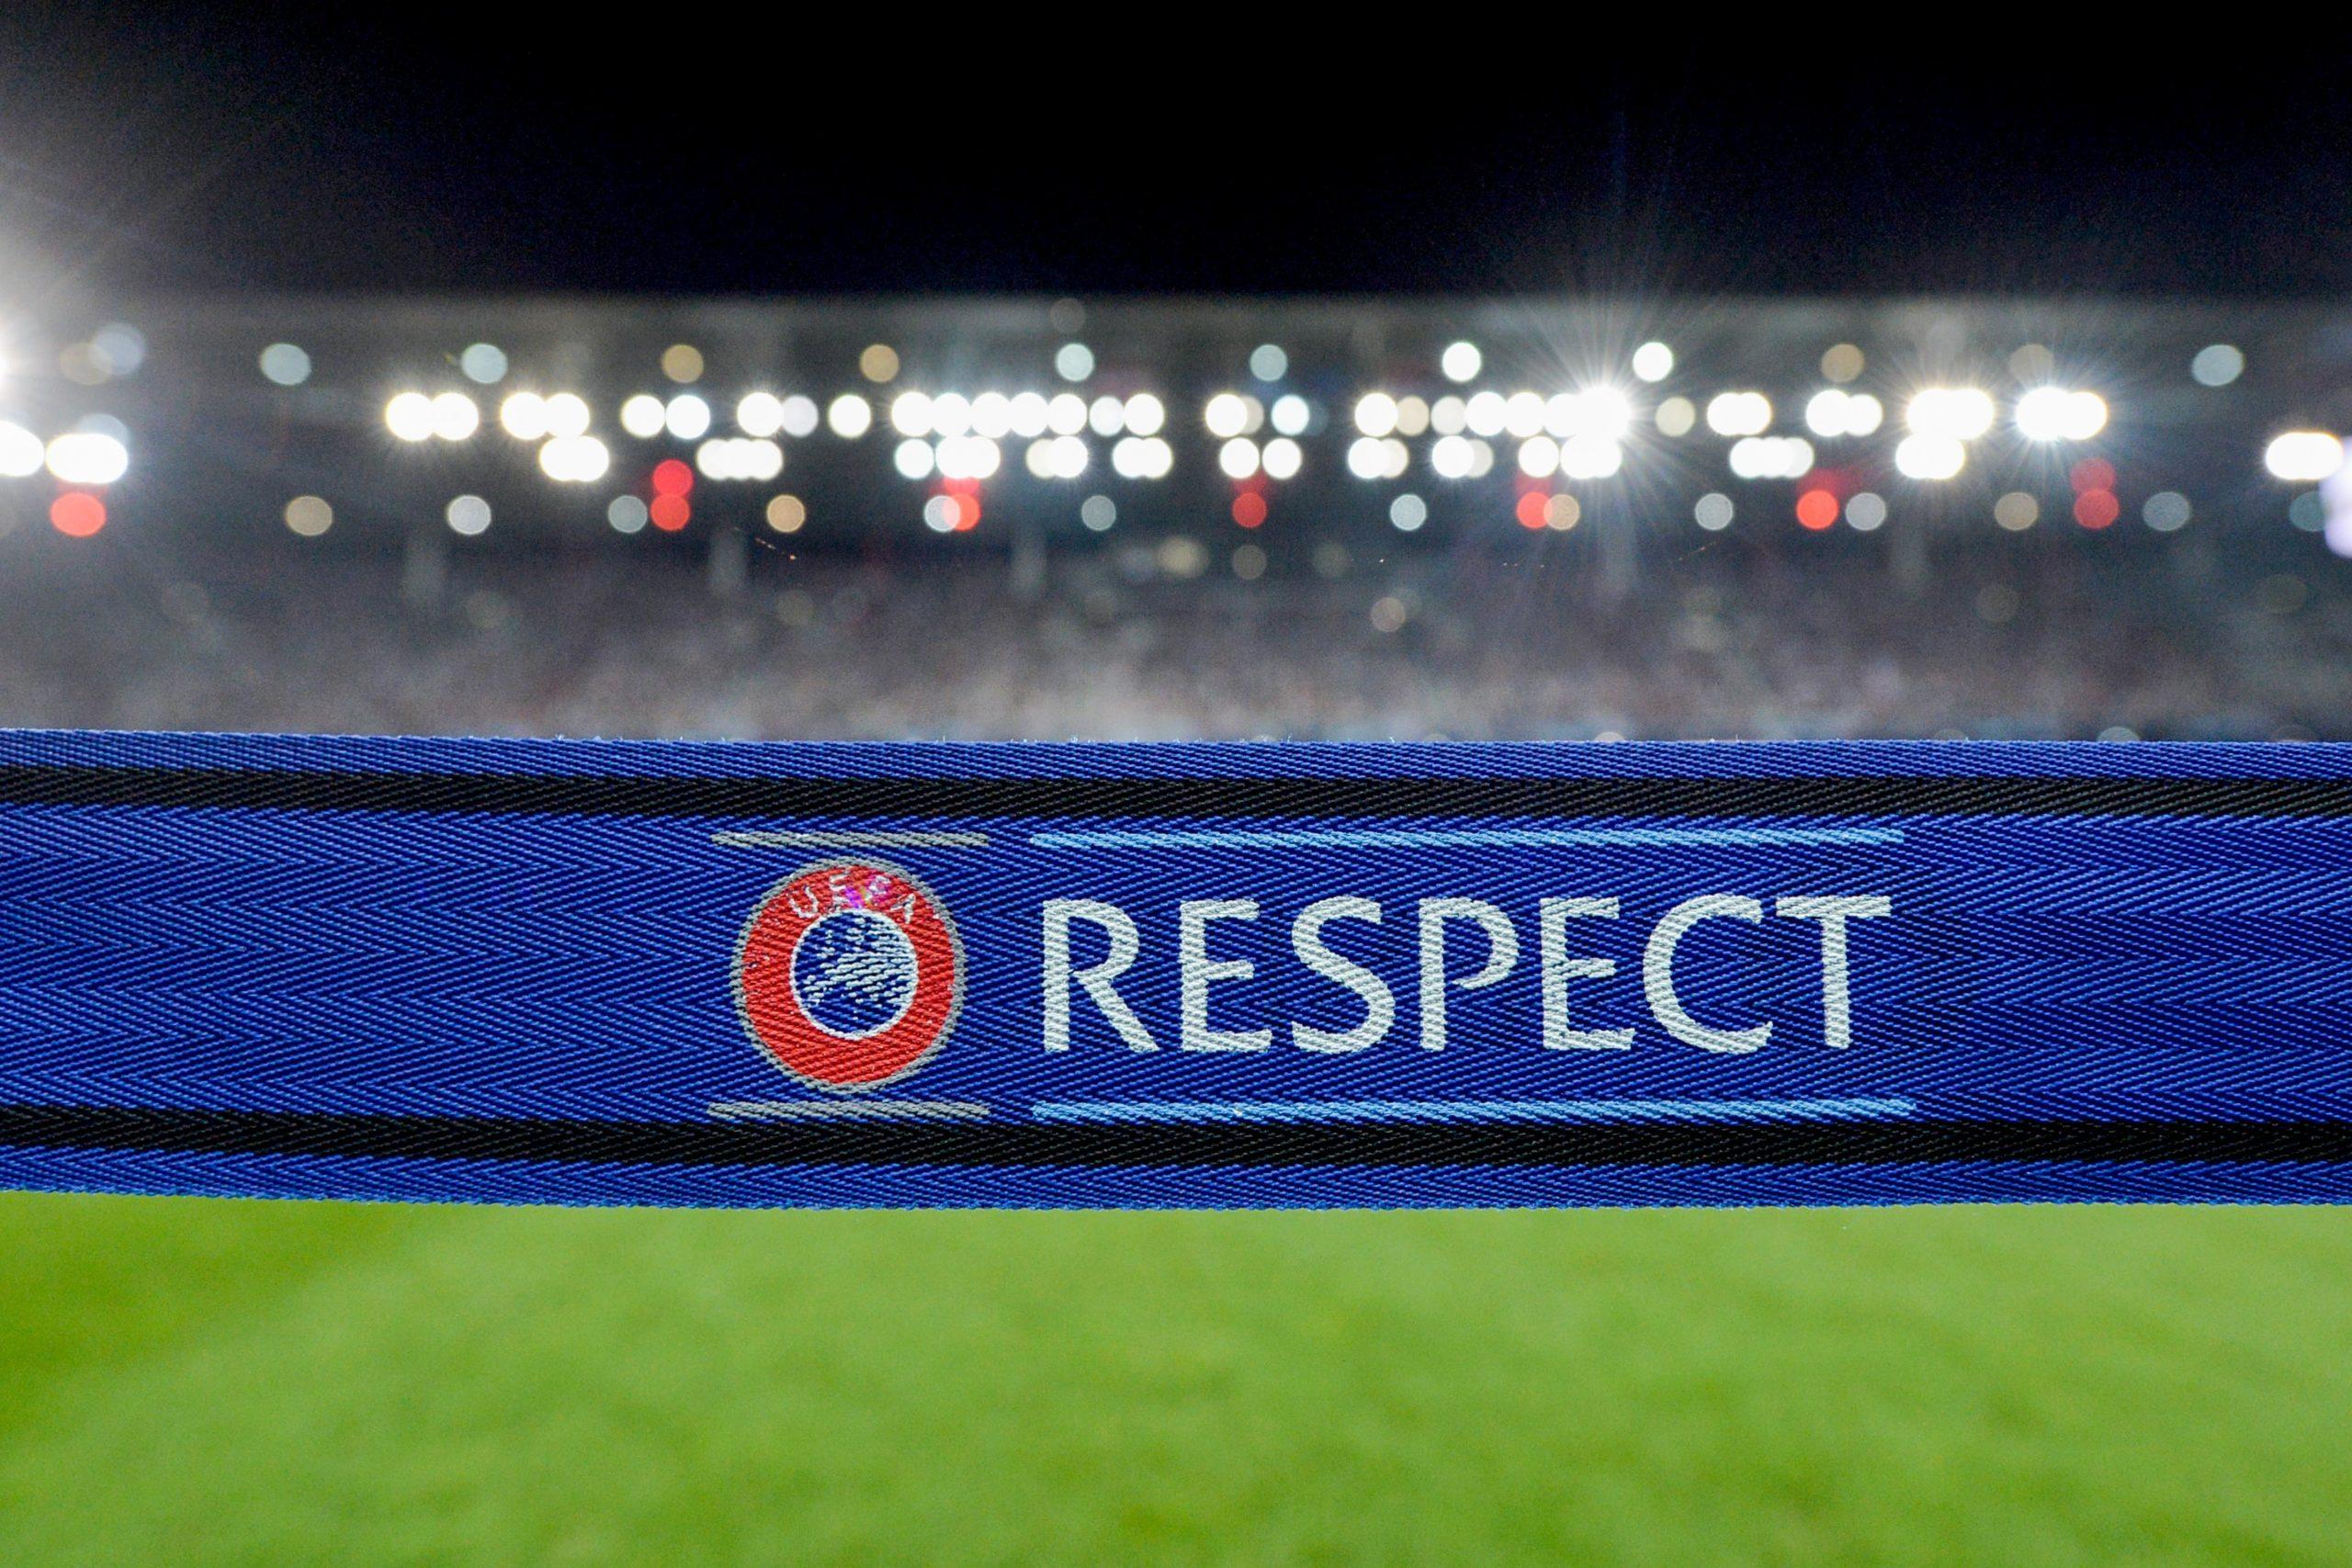 Les clubs européens auraient demandé à l'UEFA un délai pour respecter le Fair-Play Financier